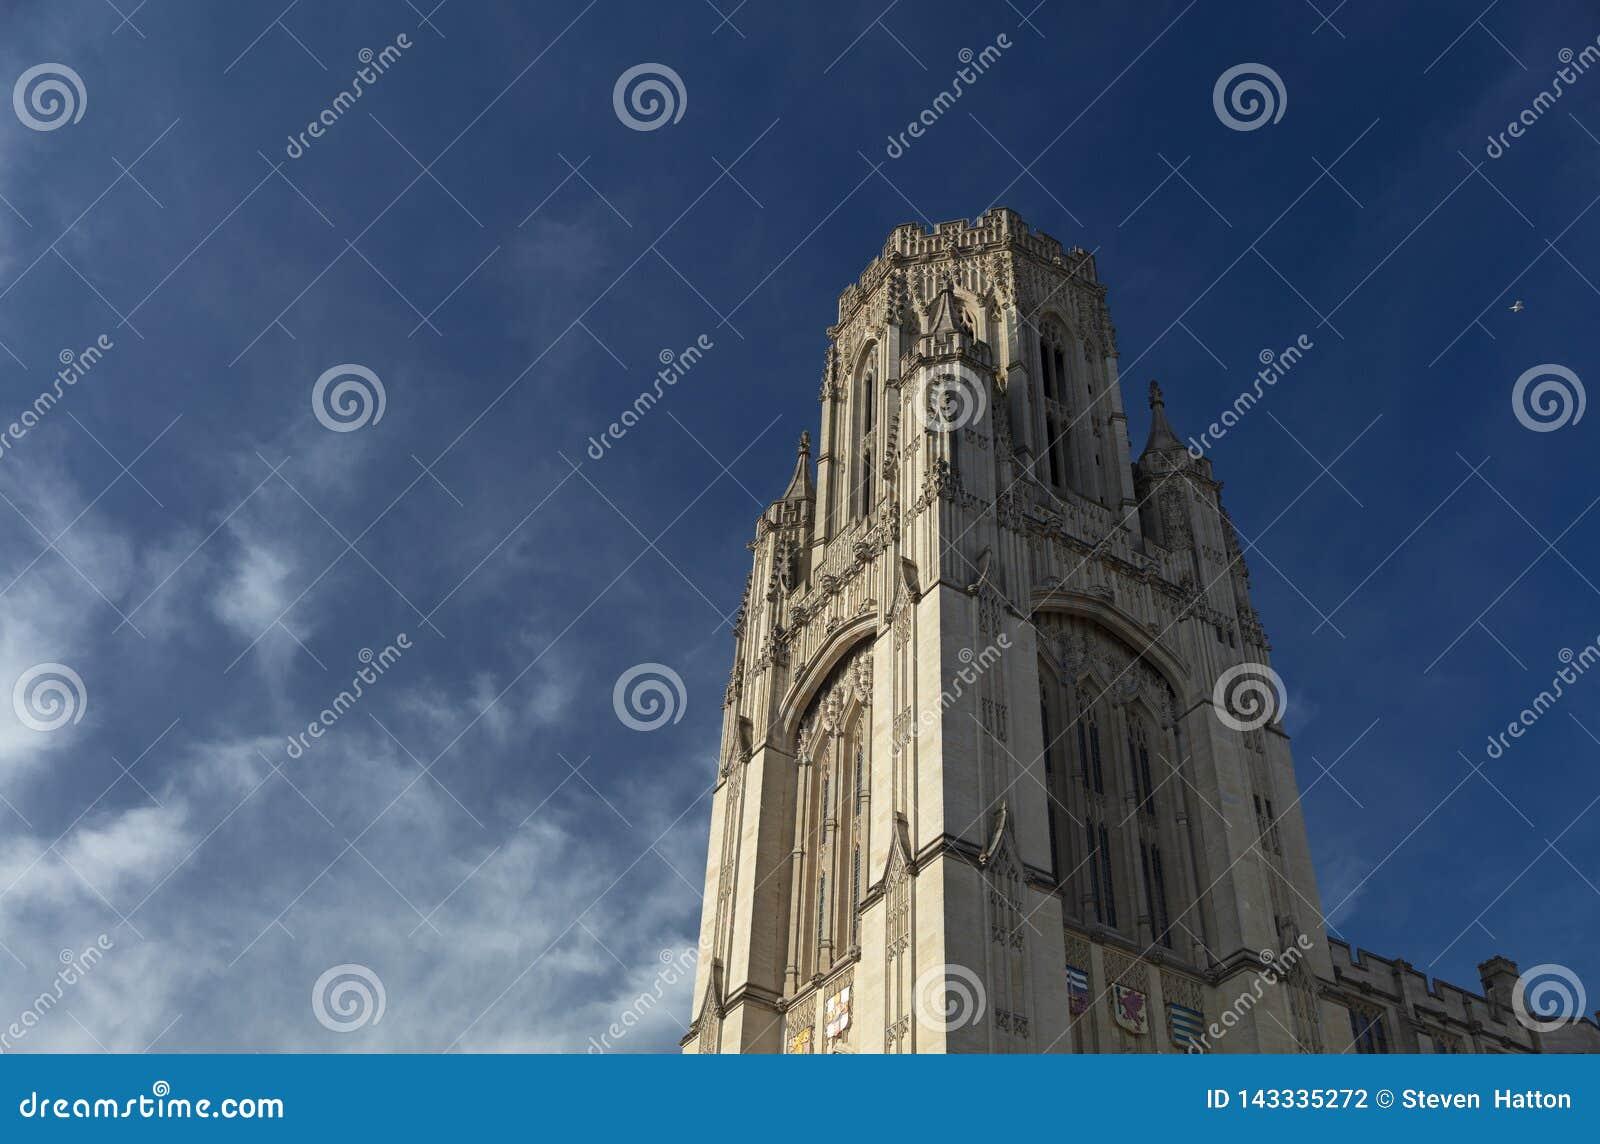 Μπρίστολ, Ηνωμένο Βασίλειο, στις 21 Φεβρουαρίου 2019, αναμνηστικός πύργος οικοδόμησης διαθηκών πανεπιστήμιο του Μπρίστολ